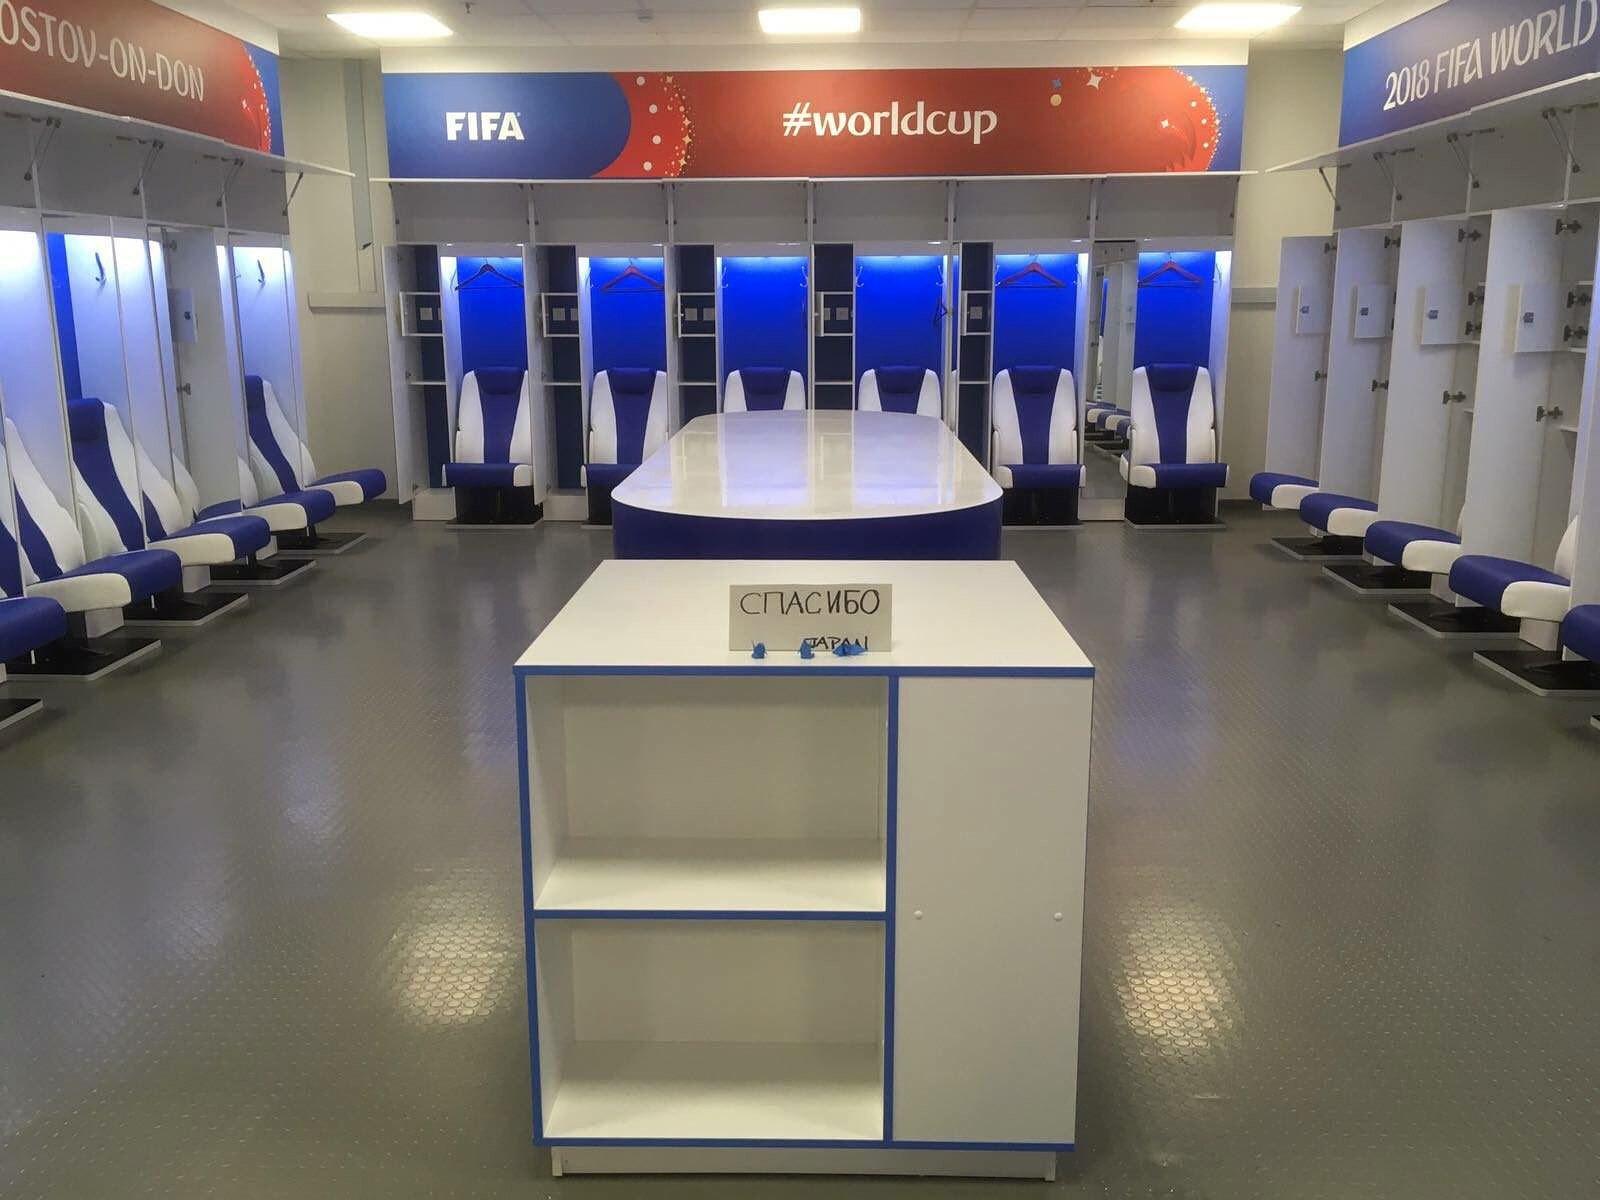 국제축구연맹(FIFA)의 경기장 책임자인 프리실라 얀슨이 3일(한국시간) 자신의 트위터에 일본 대표팀이 떠난 후 깨끗한 라커룸 사진을 공개했다. 일본 축구대표팀 직원들은 2018 러시아 월드컵 16강전에서 벨기에에 3-2 역전패를 당한 뒤 라커룸을 깨끗하게 청소하고 돌아갔다. 또한 러시아어로 '감사합니다'라는 메모도 남겼다. [사진 트위터]